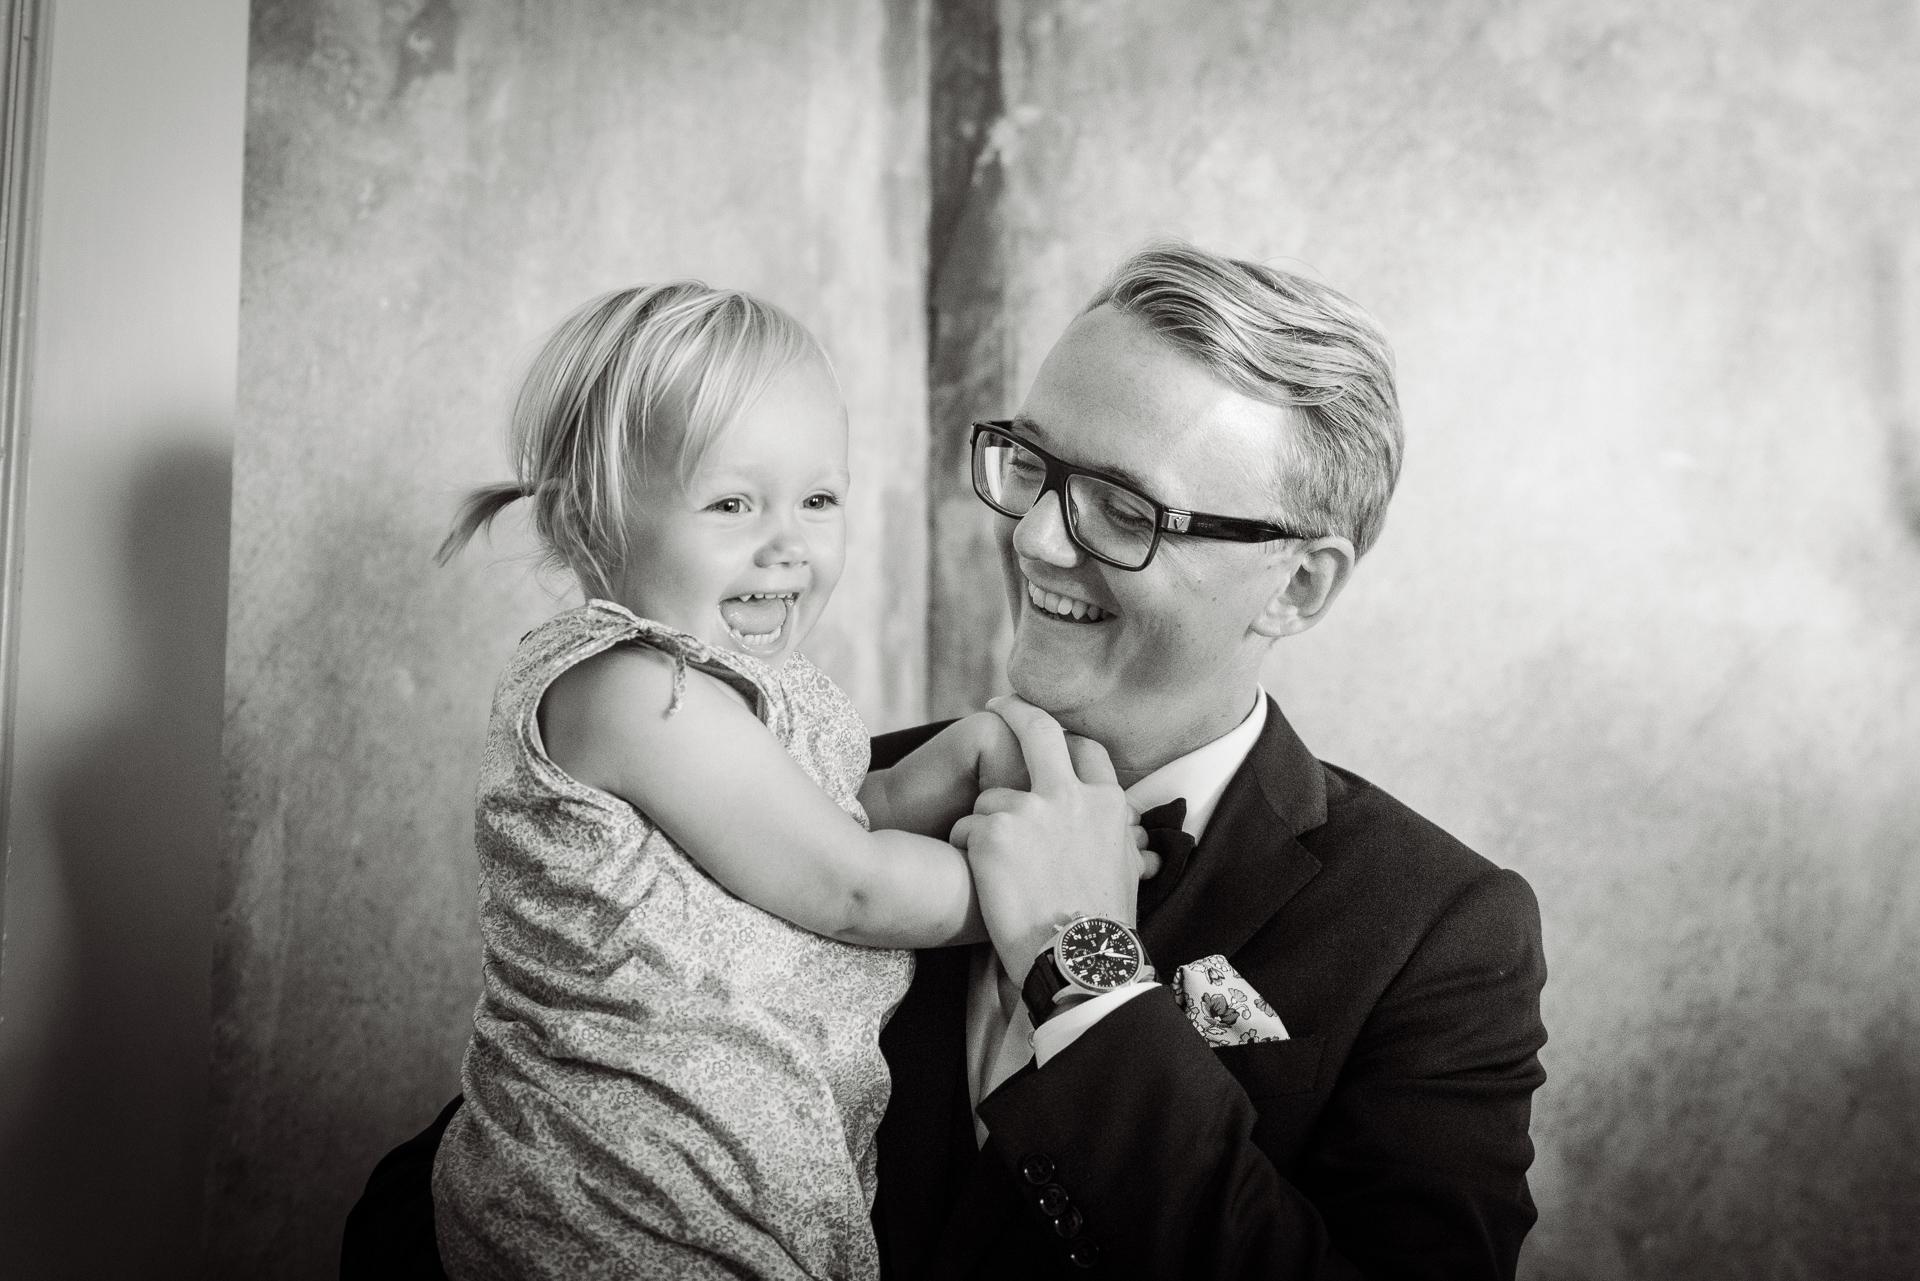 bryllup-wedding-jomfruens-egede-AK-Christian_44